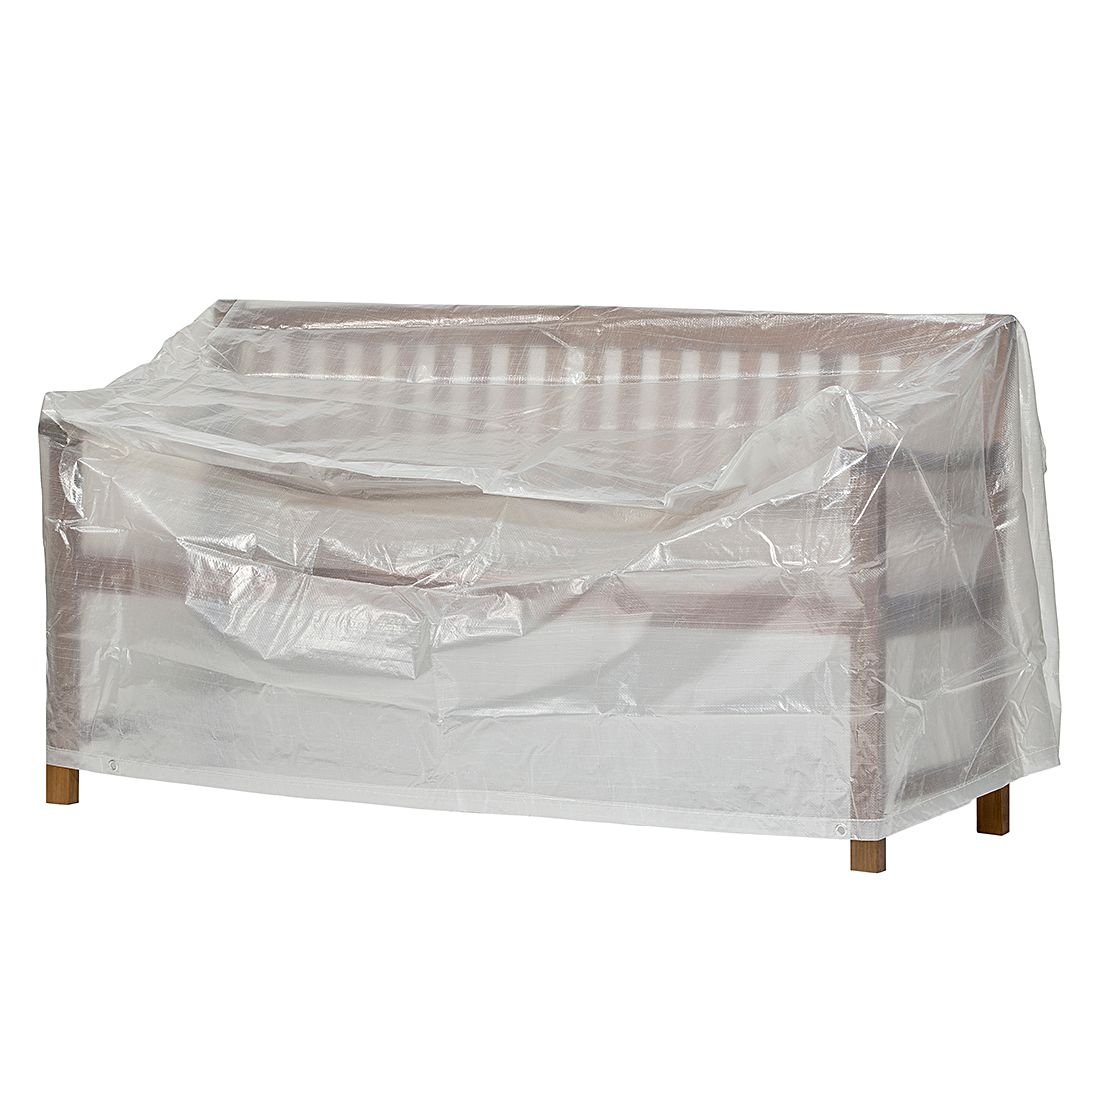 Schutzhülle Klassik für Gartenbank (3-Sitzer) – Kunststoff, mehr Garten günstig kaufen